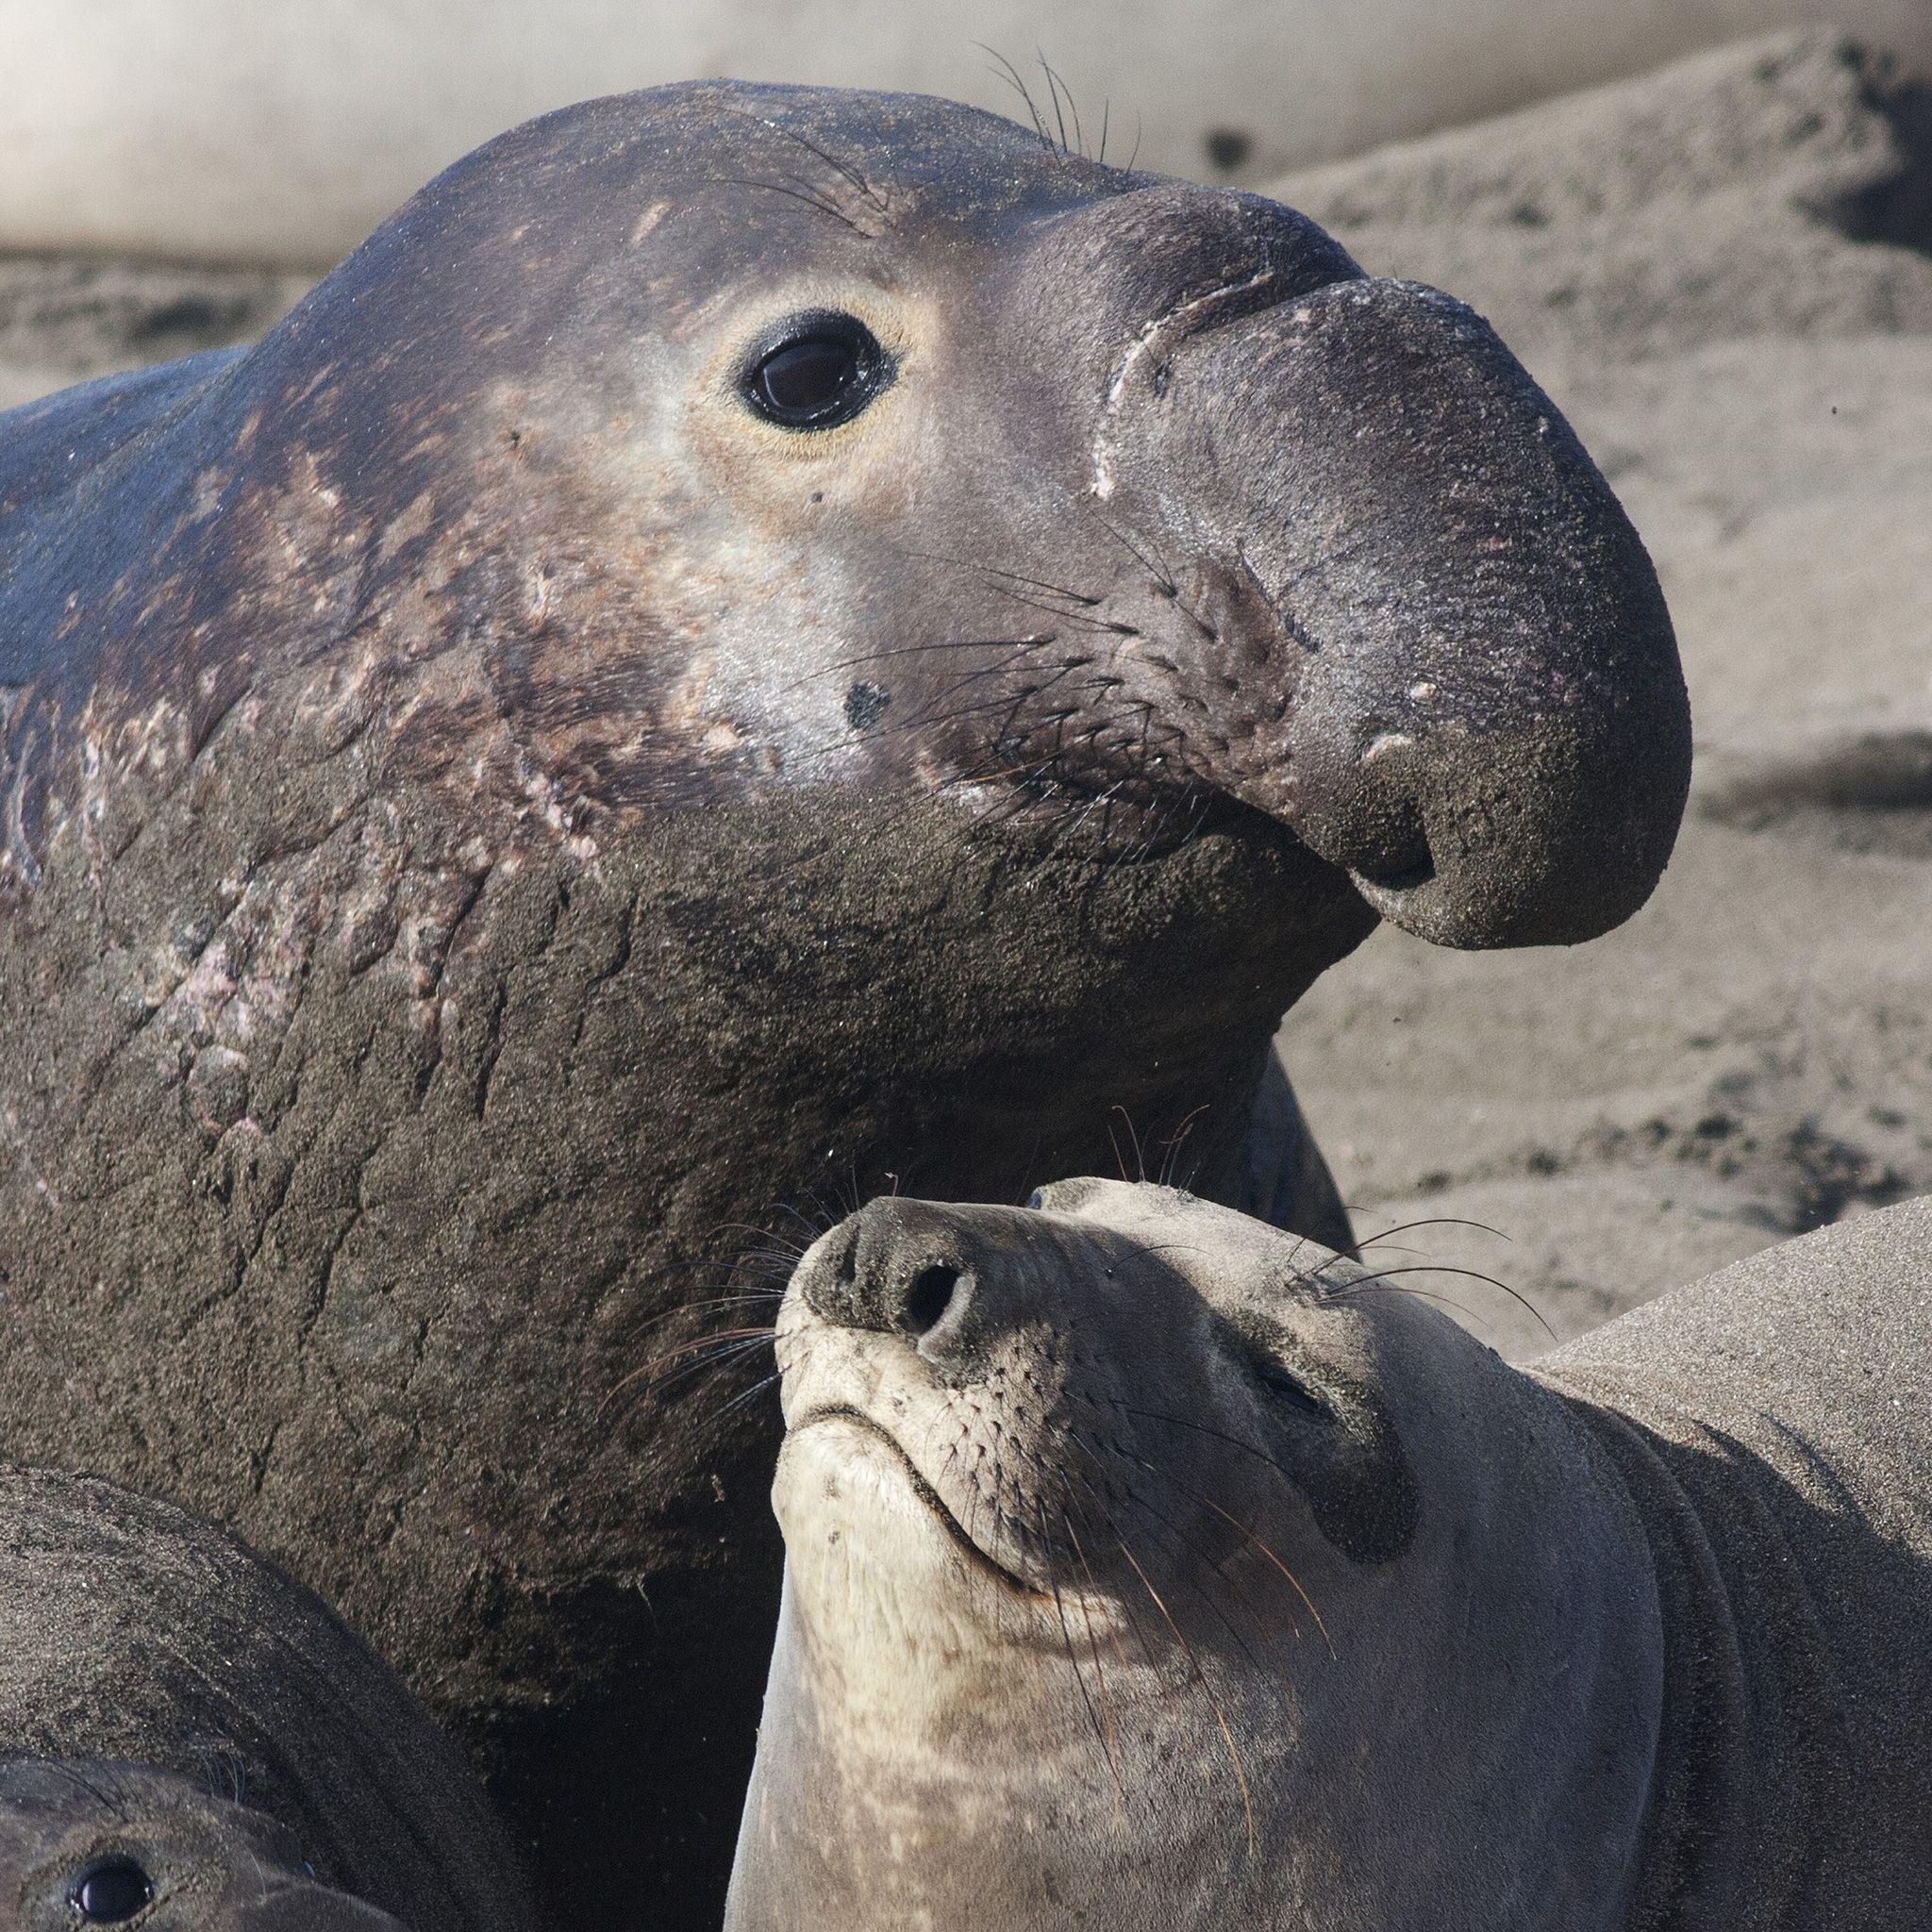 без фото морского слона животное содержит